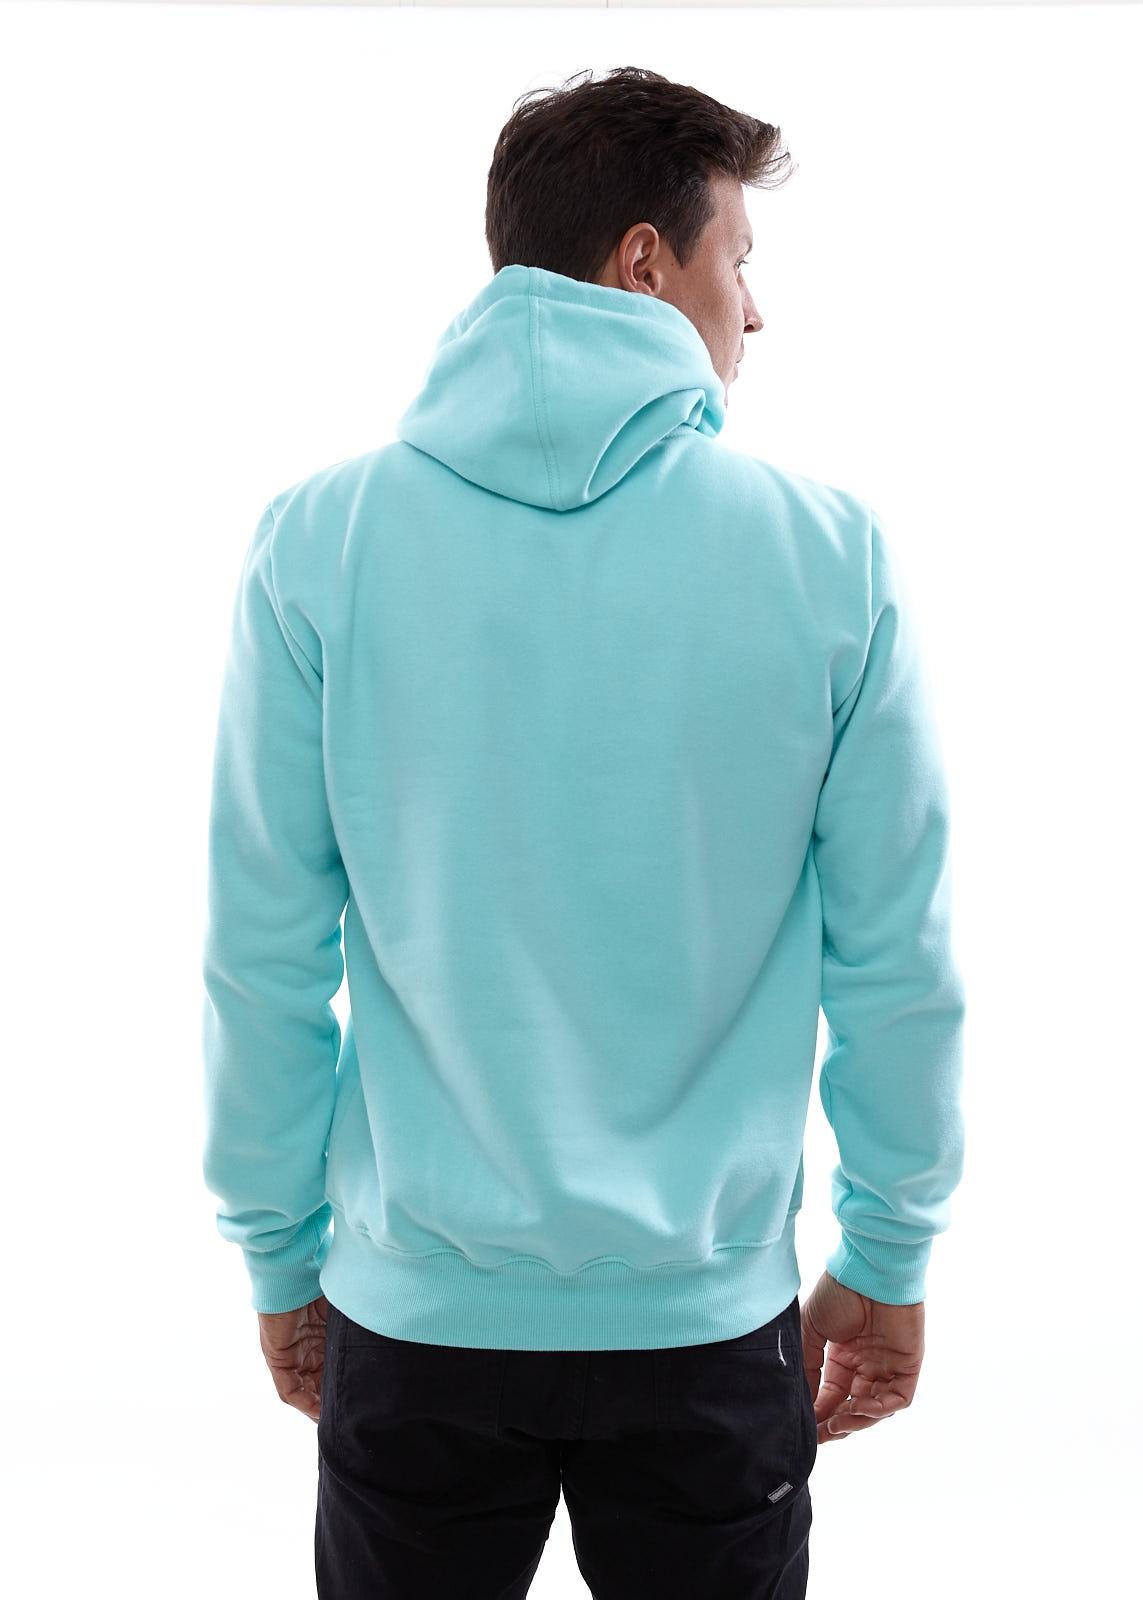 Blusa de Moletom Vida Marinha Canguru Fechado Azul com Capuz